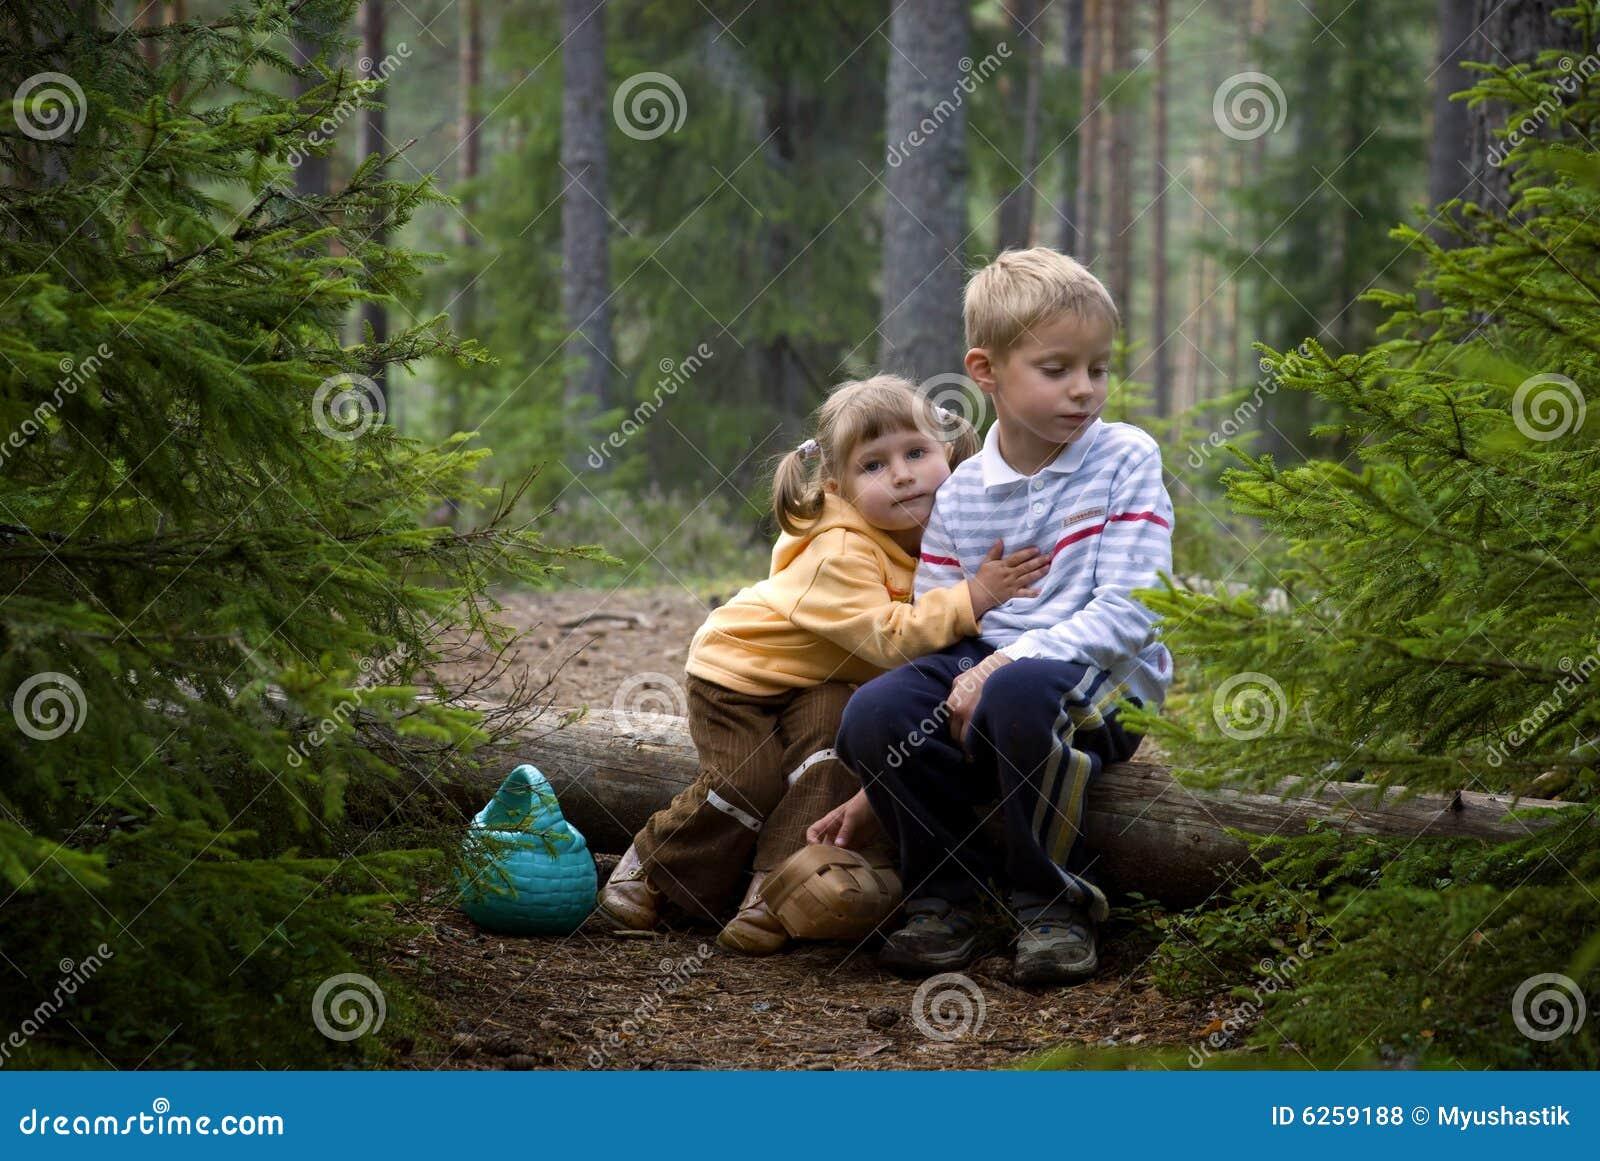 Enfants dans la forêt